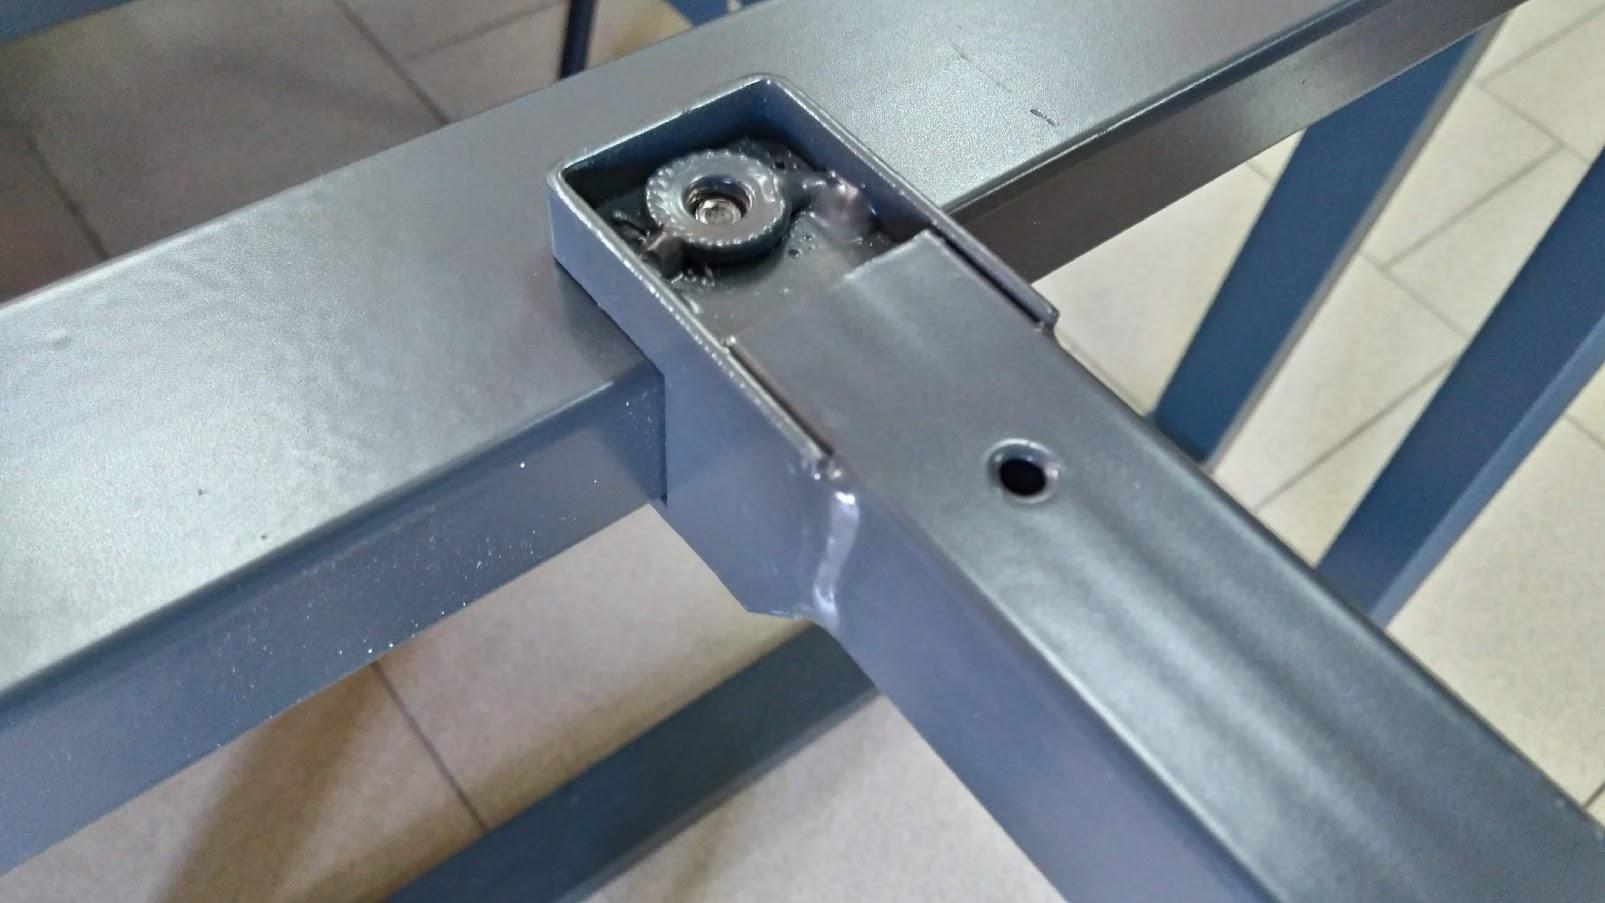 Мебельный каркас для стола Купить, Разборный каркас стола, Каркас для стола из металла